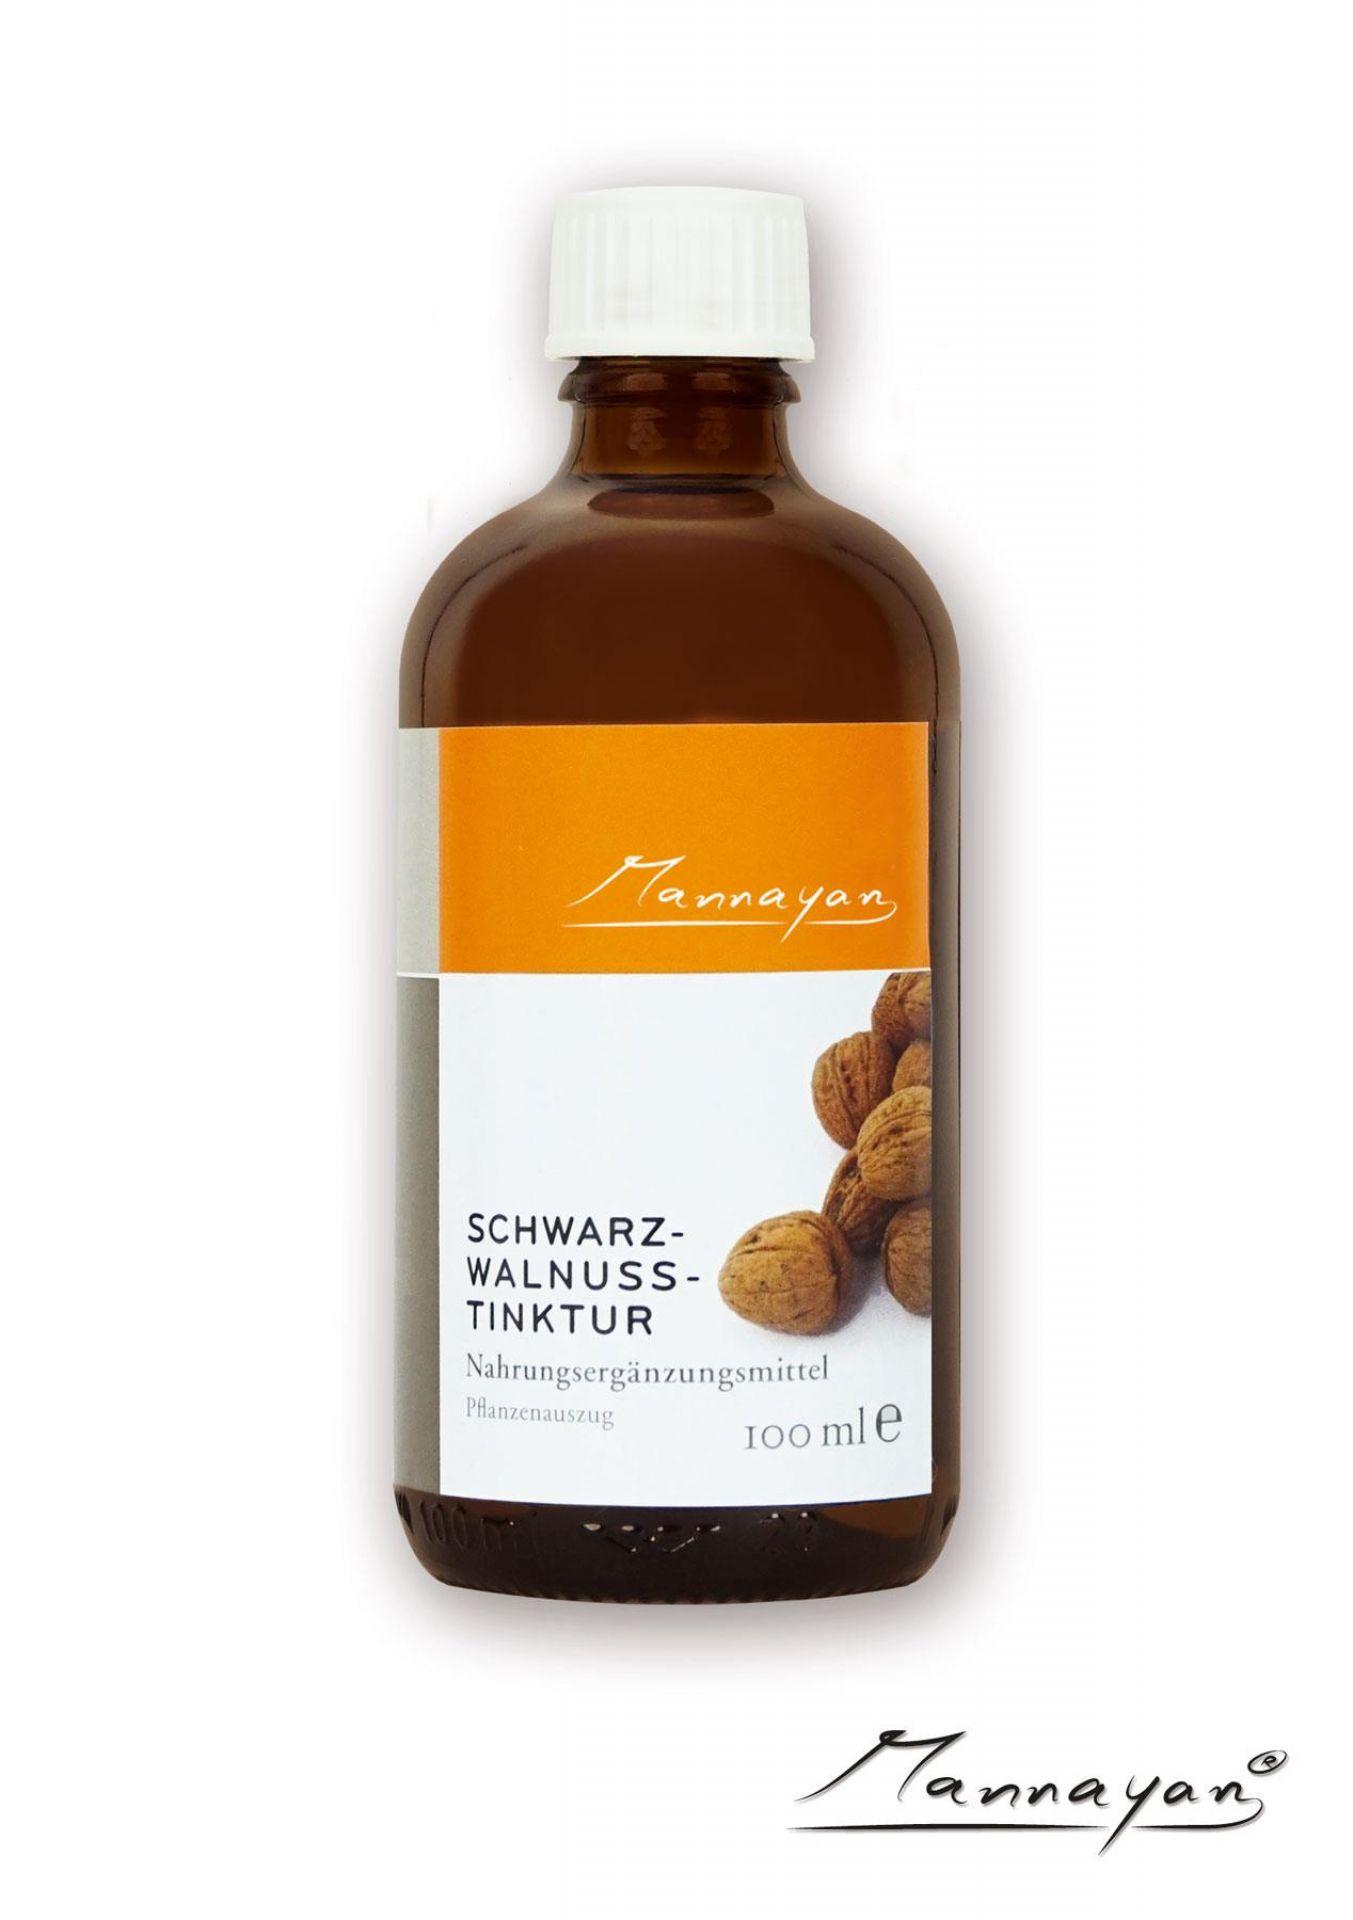 Mannayan Schwarzwalnuss (Tinktur) 100 ml